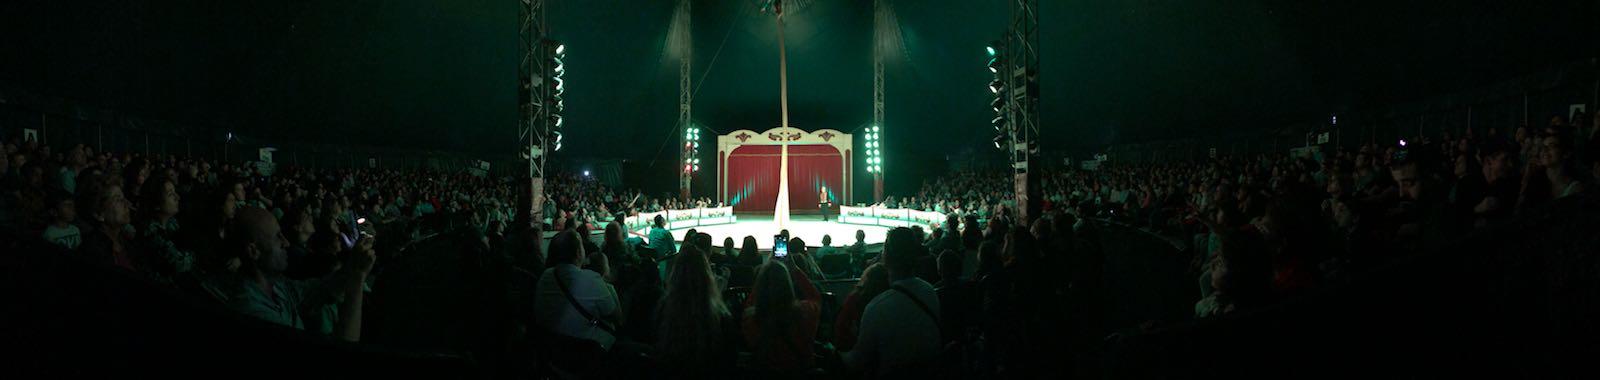 Circus las vegas en Málaga